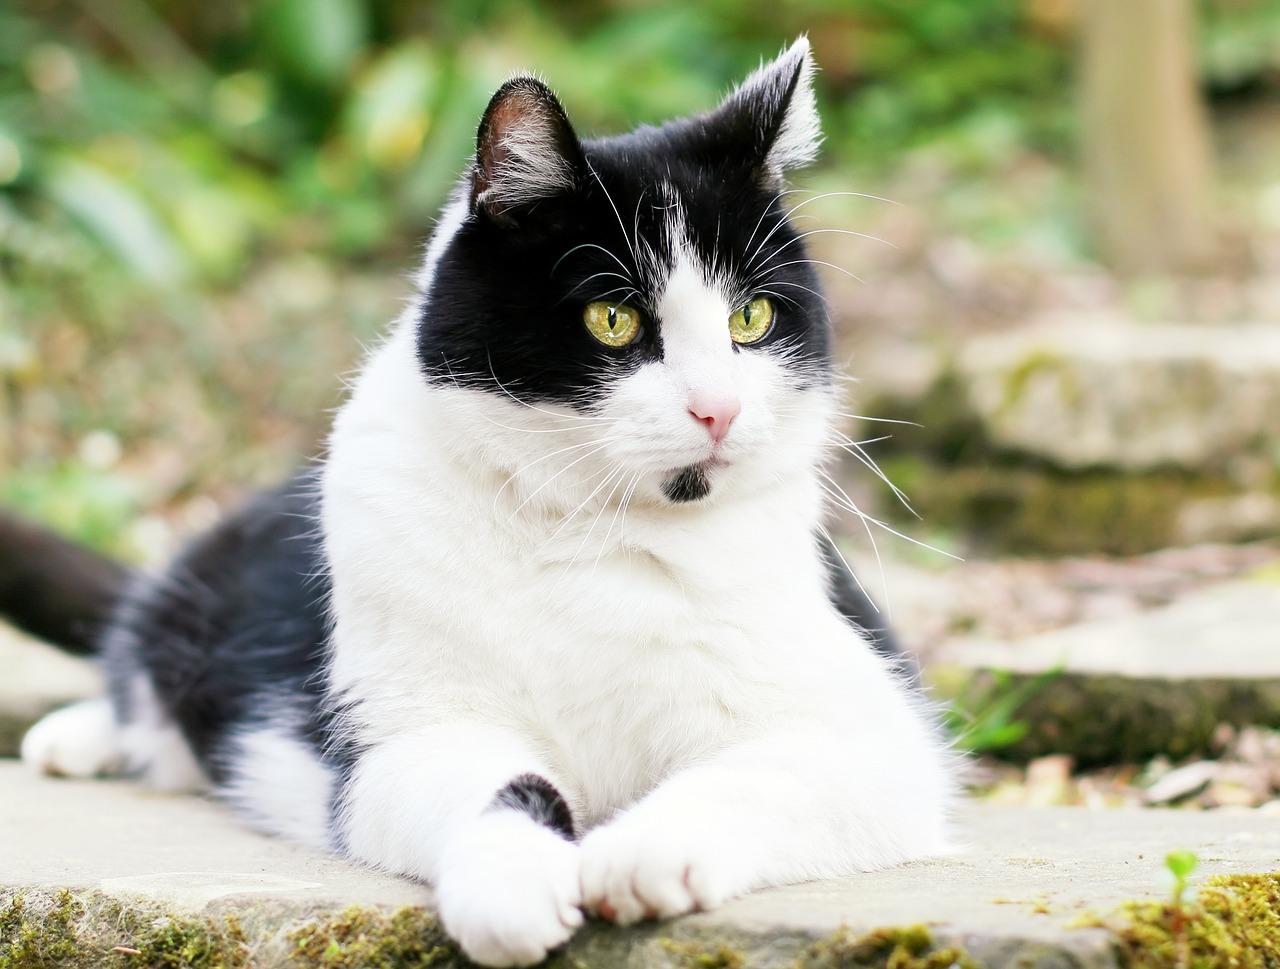 signs of feline leukemia